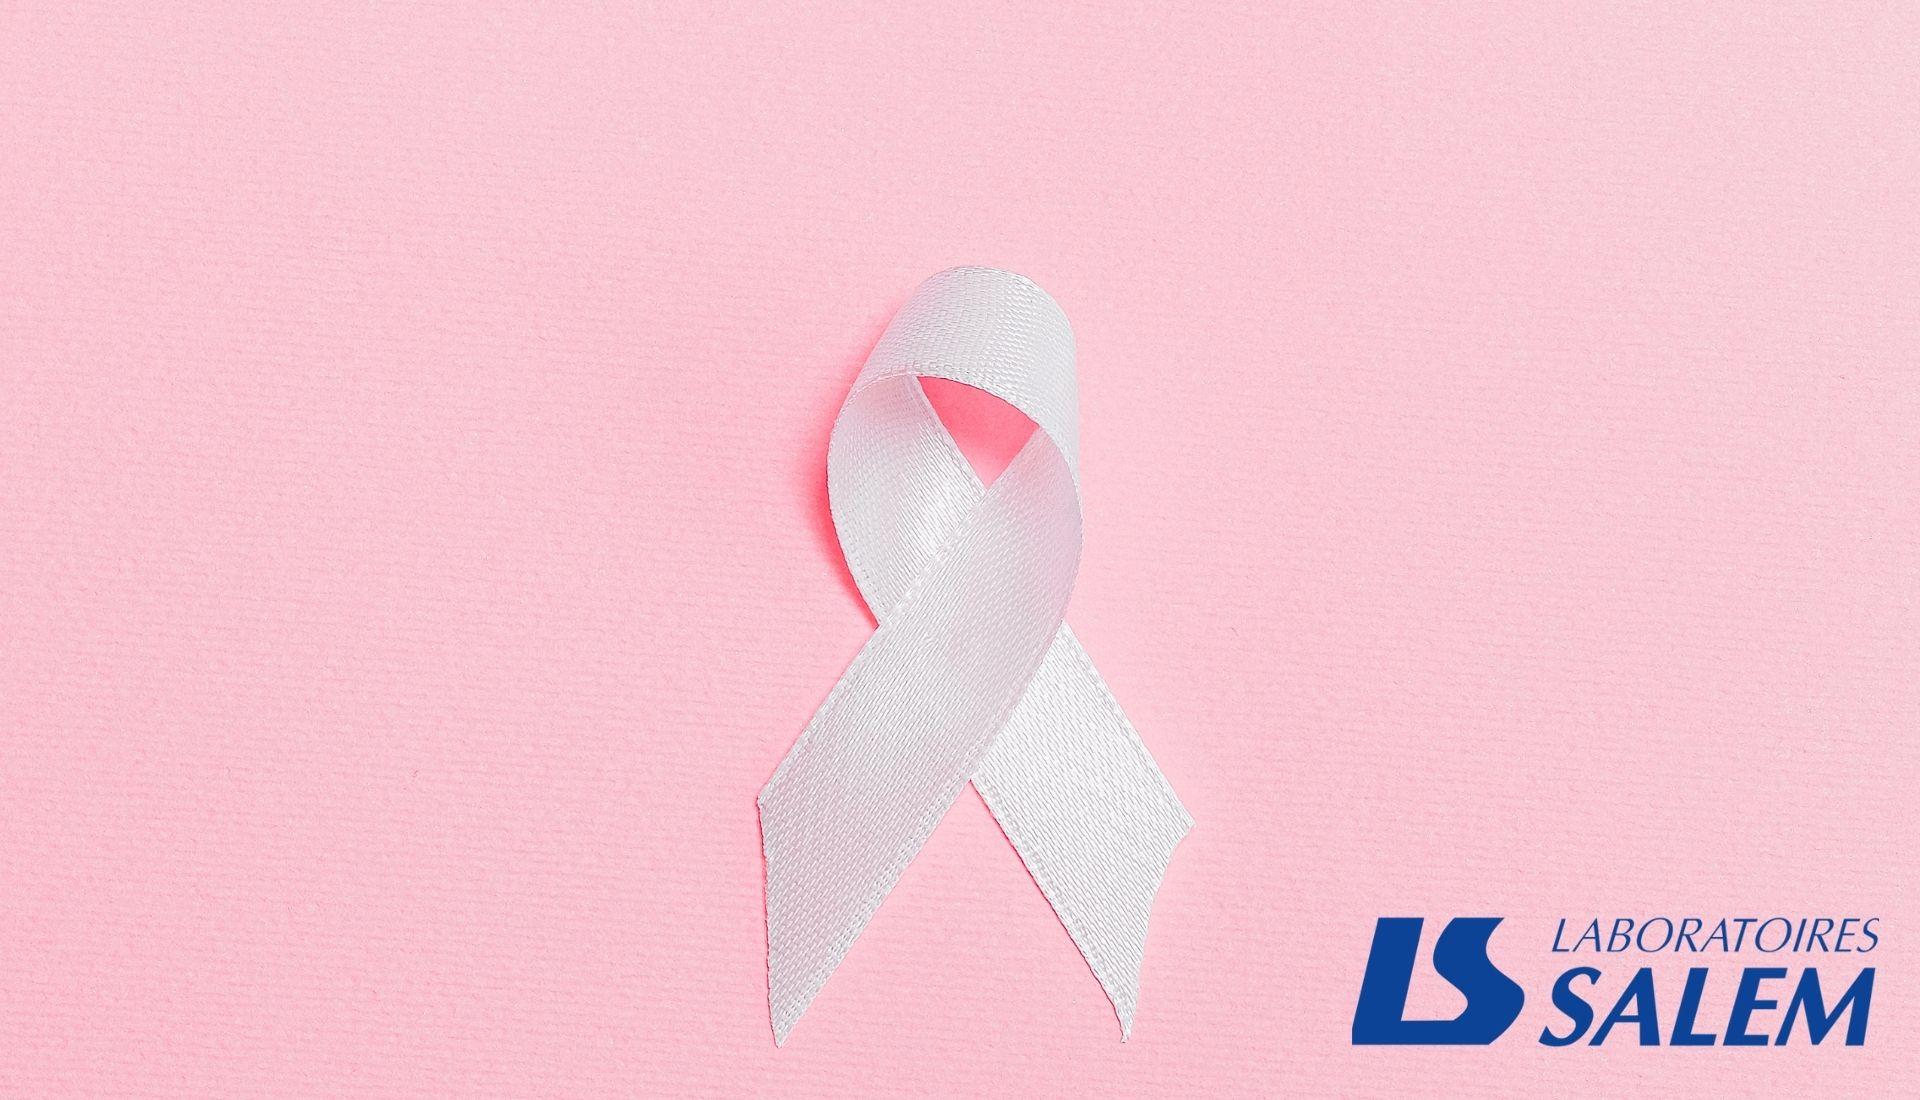 sein, cancer de sein, labosalem